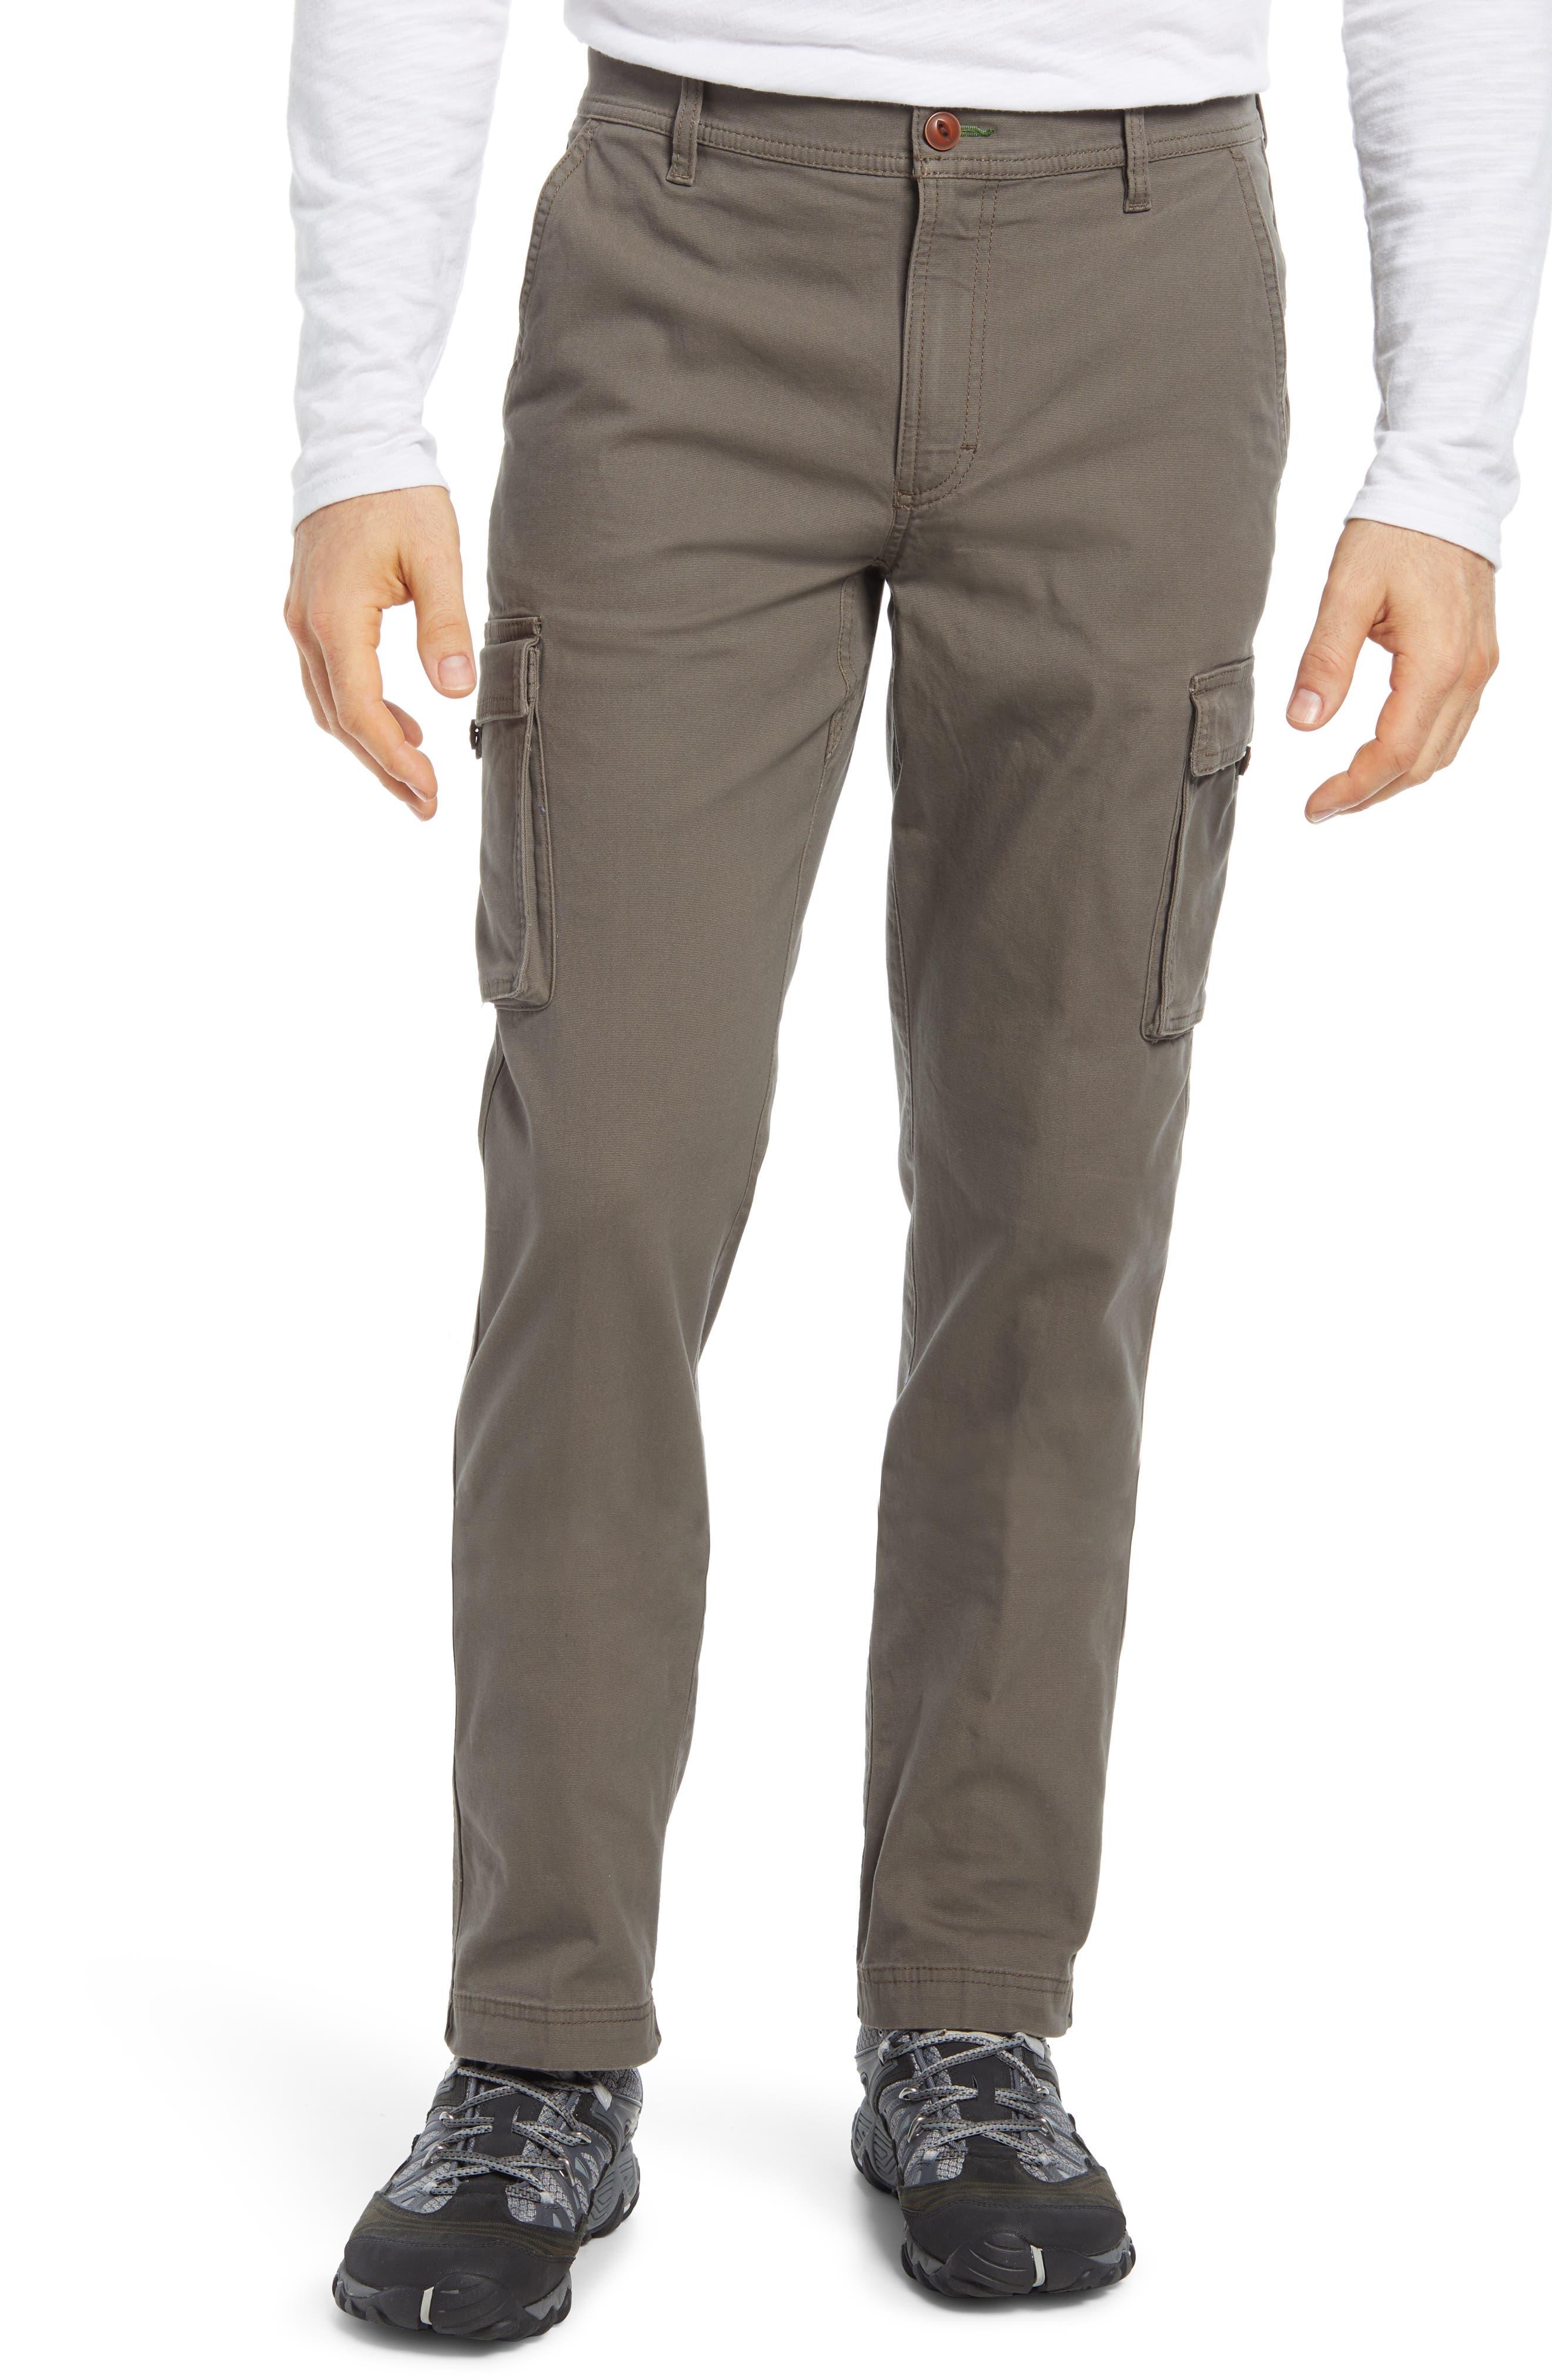 Men's Beanflex Canvas Cargo Pants